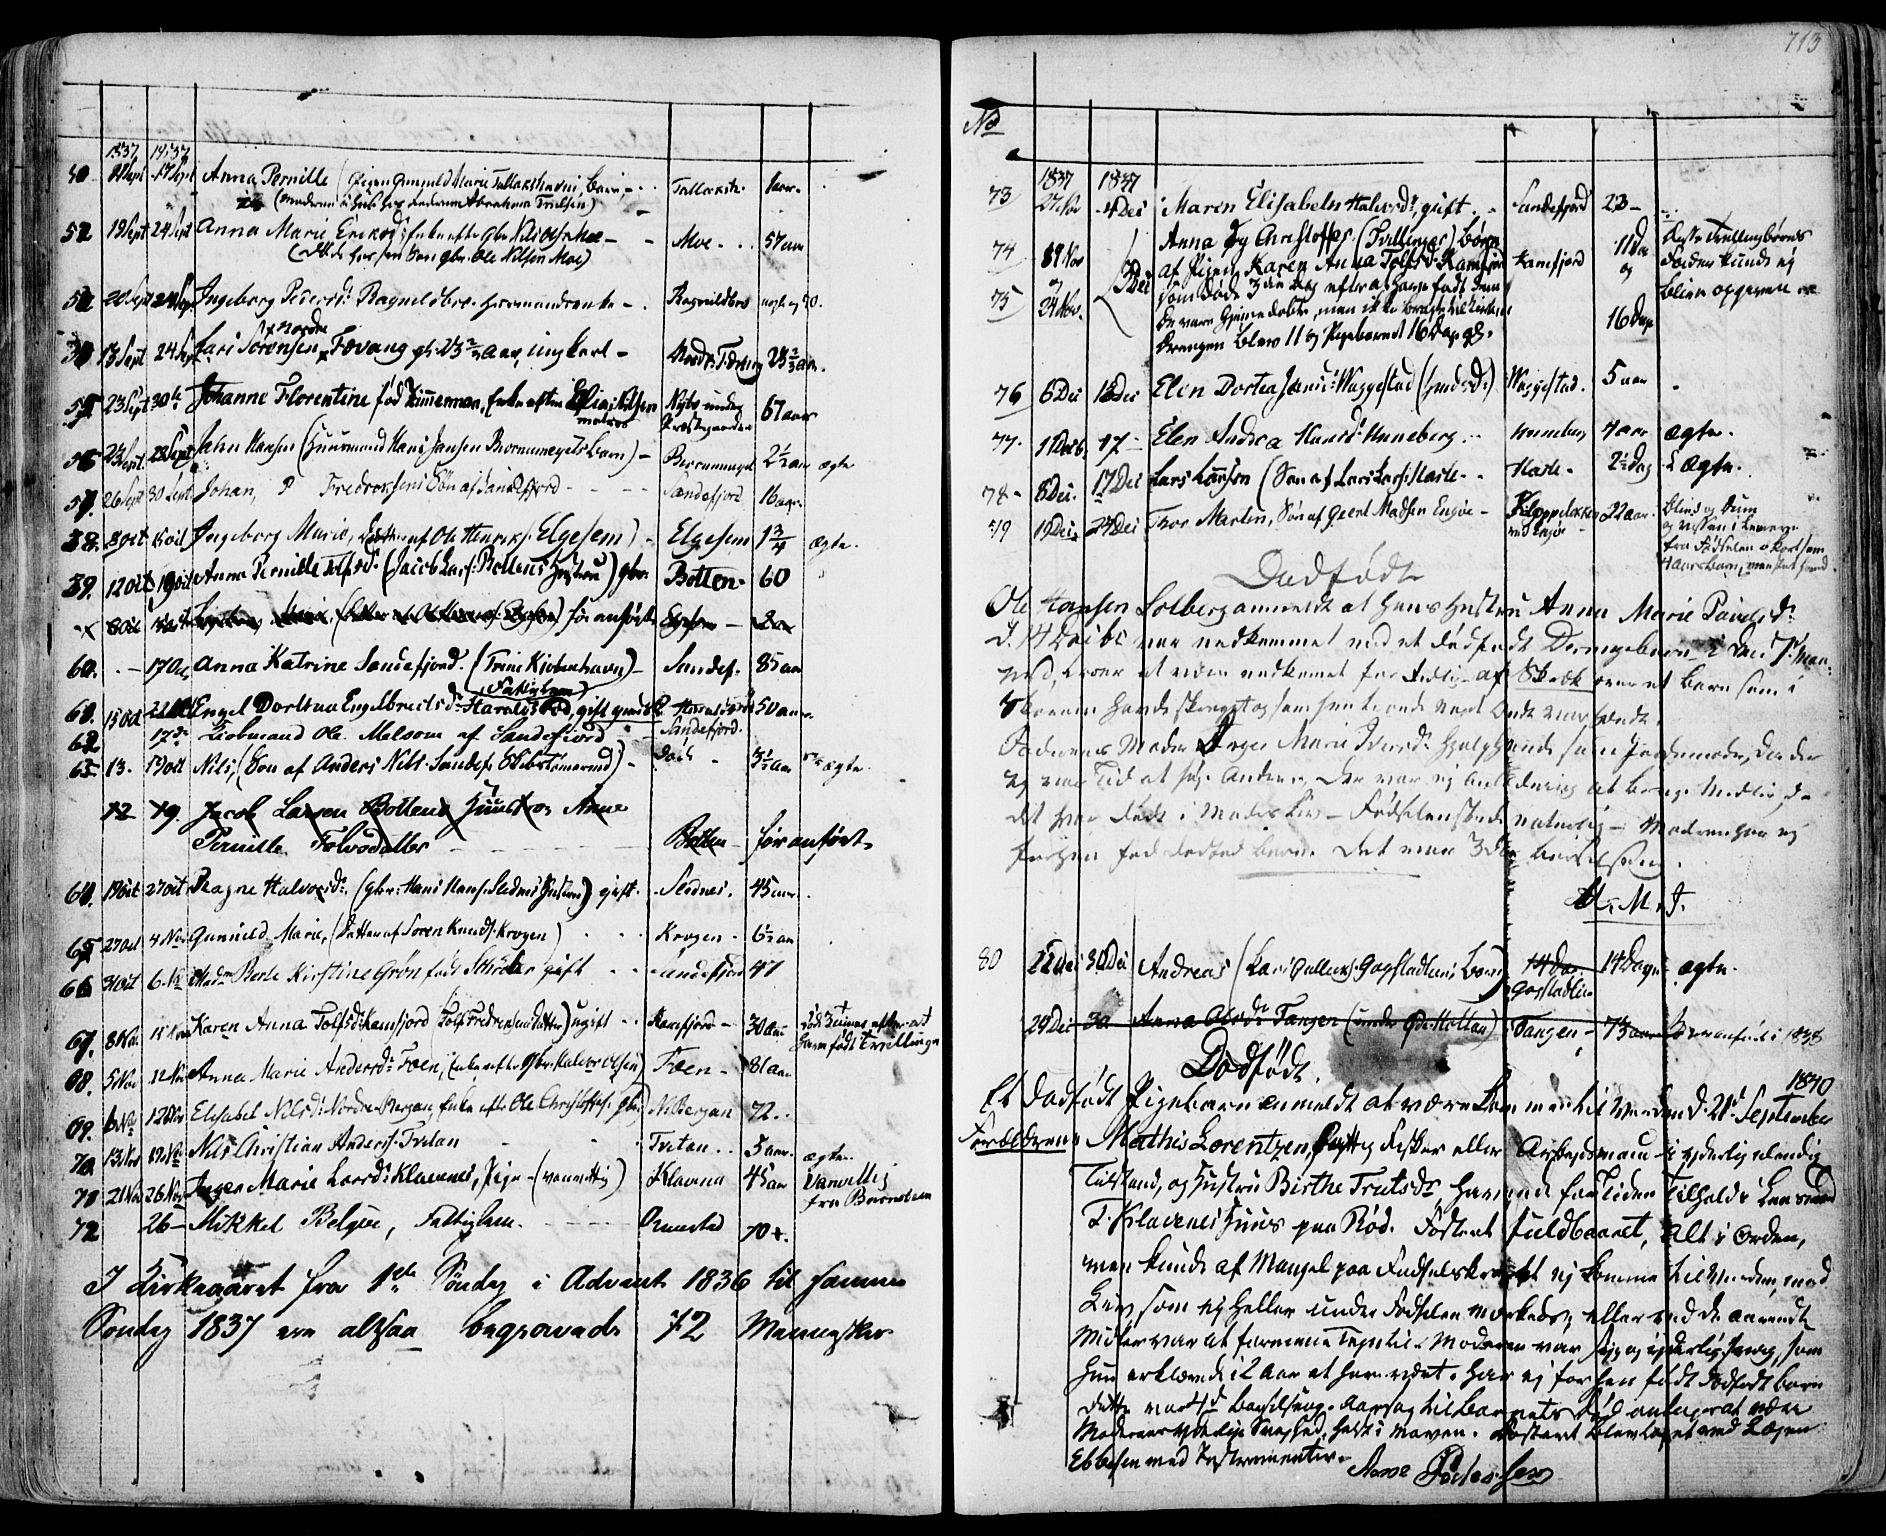 SAKO, Sandar kirkebøker, F/Fa/L0005: Ministerialbok nr. 5, 1832-1847, s. 712-713